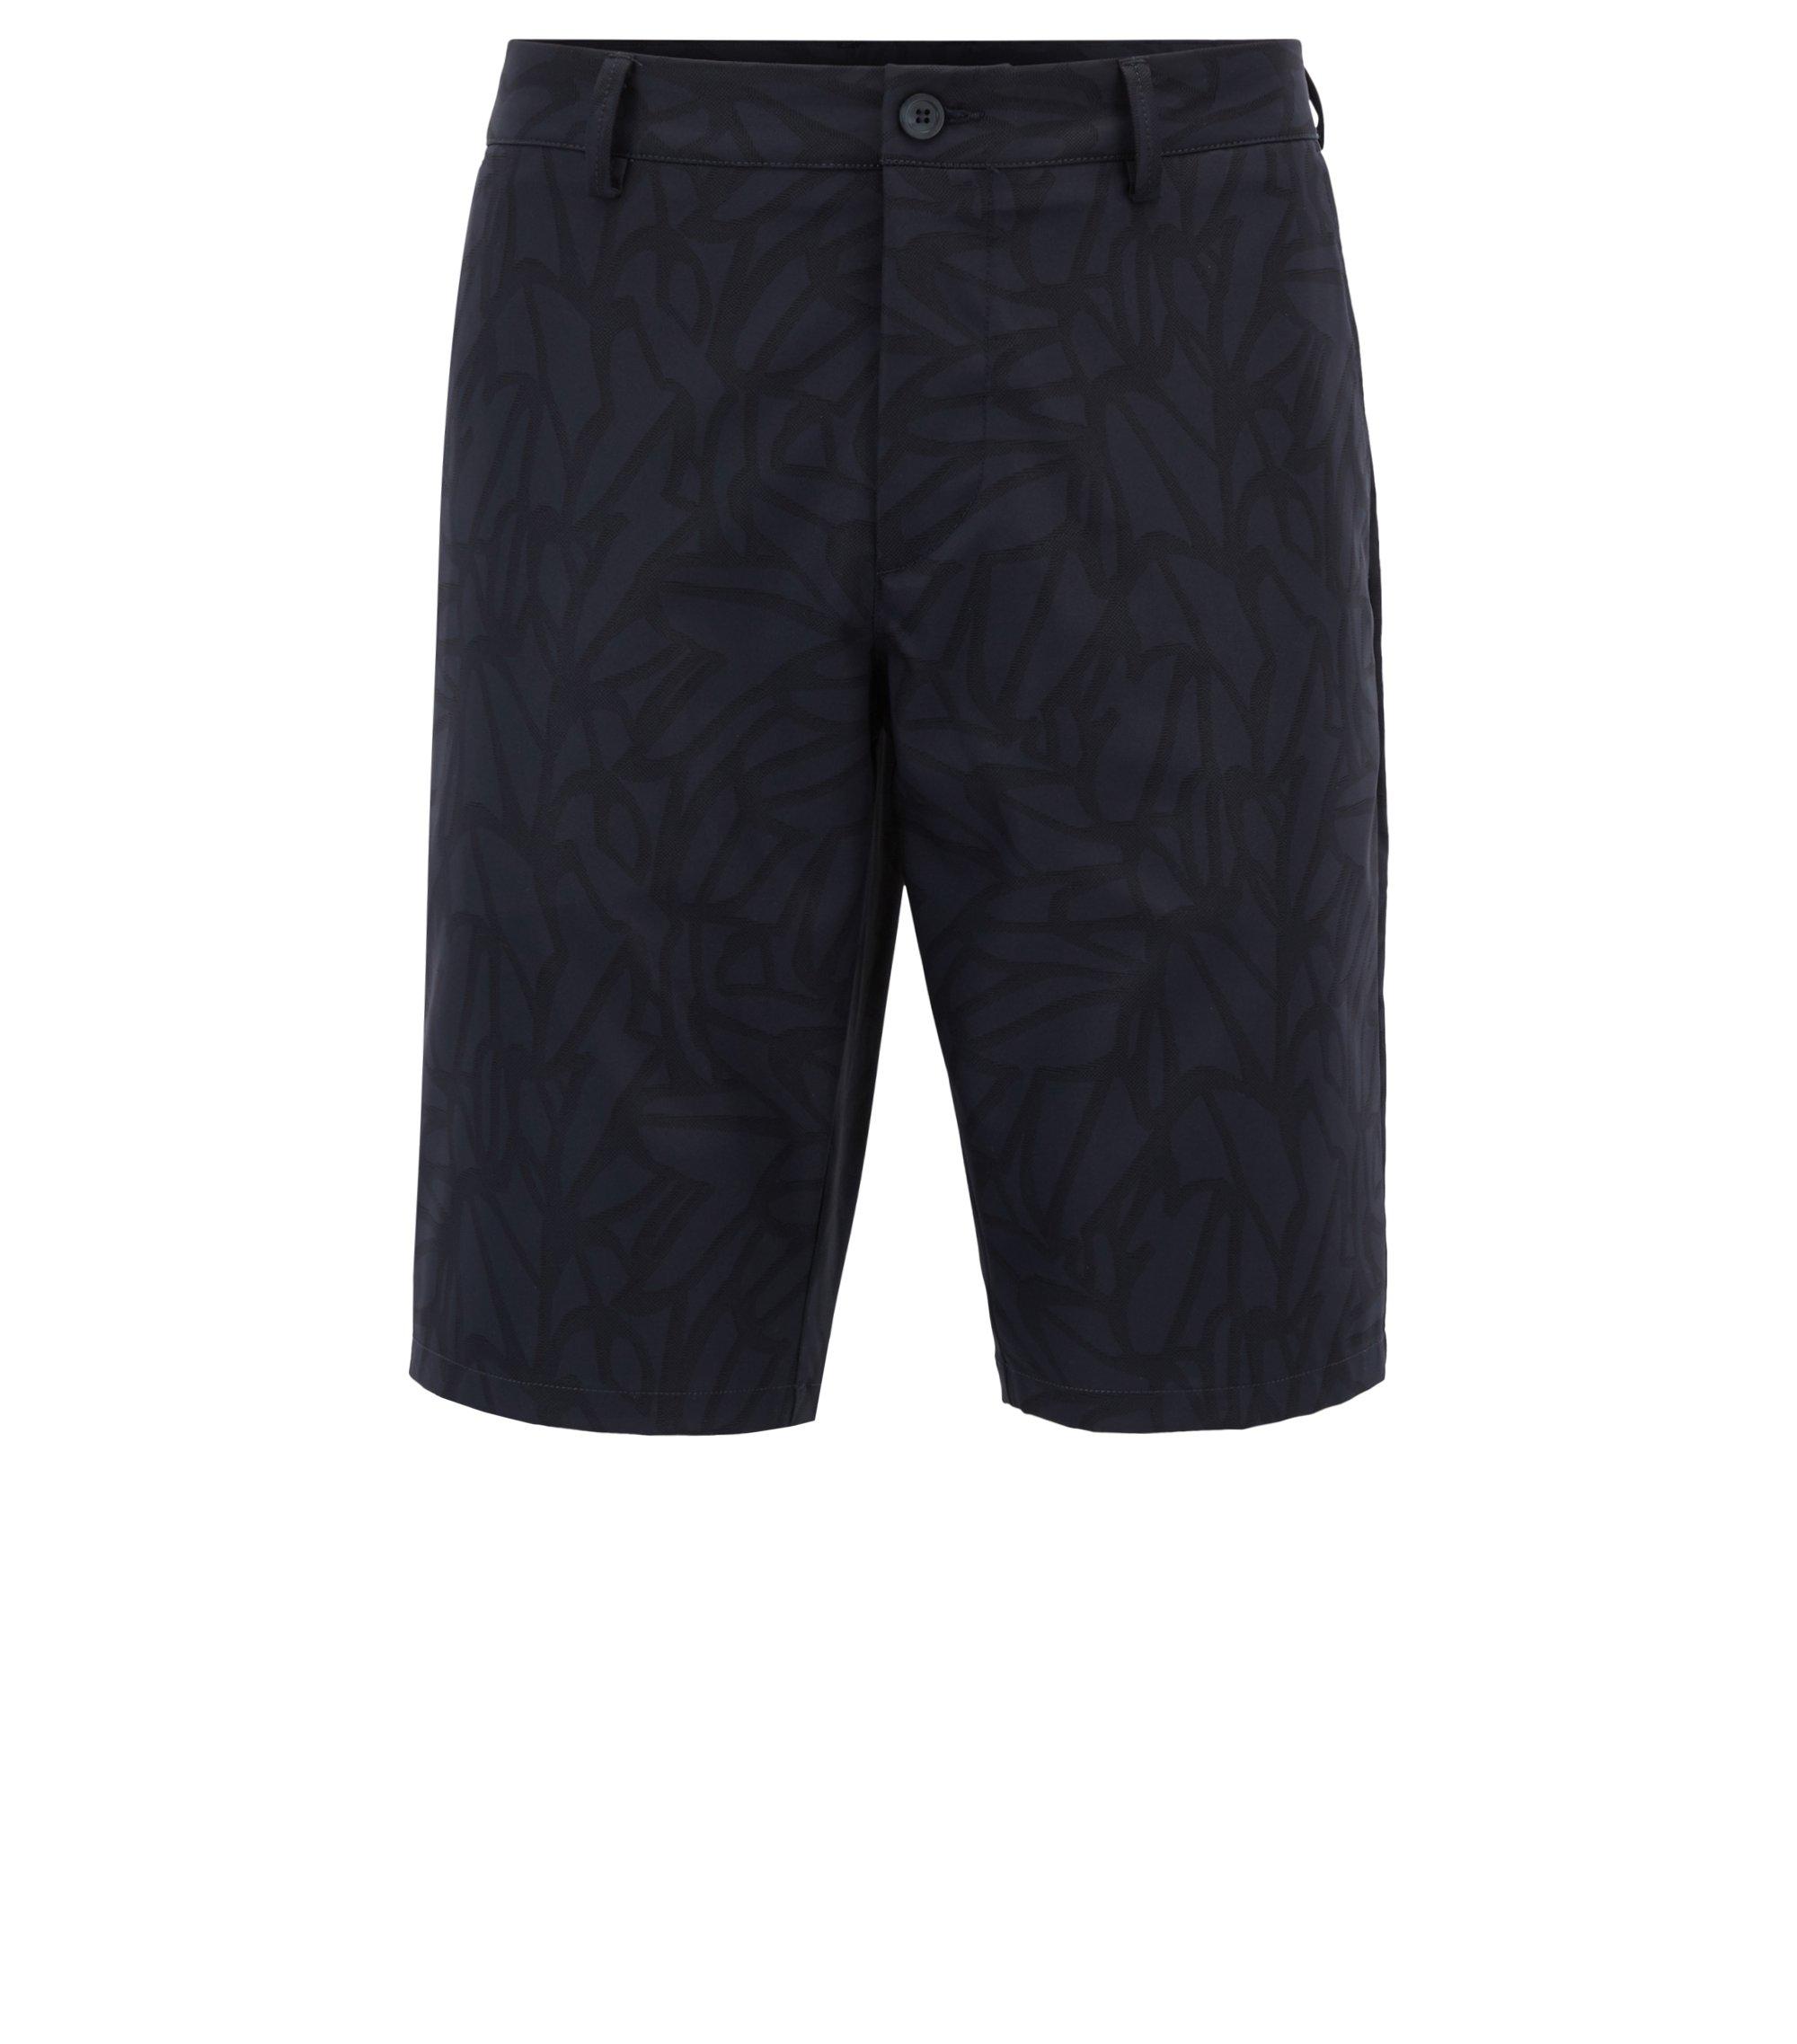 Bedruckte Slim-Fit Shorts aus wasserabweisendem Twill, Dunkelblau